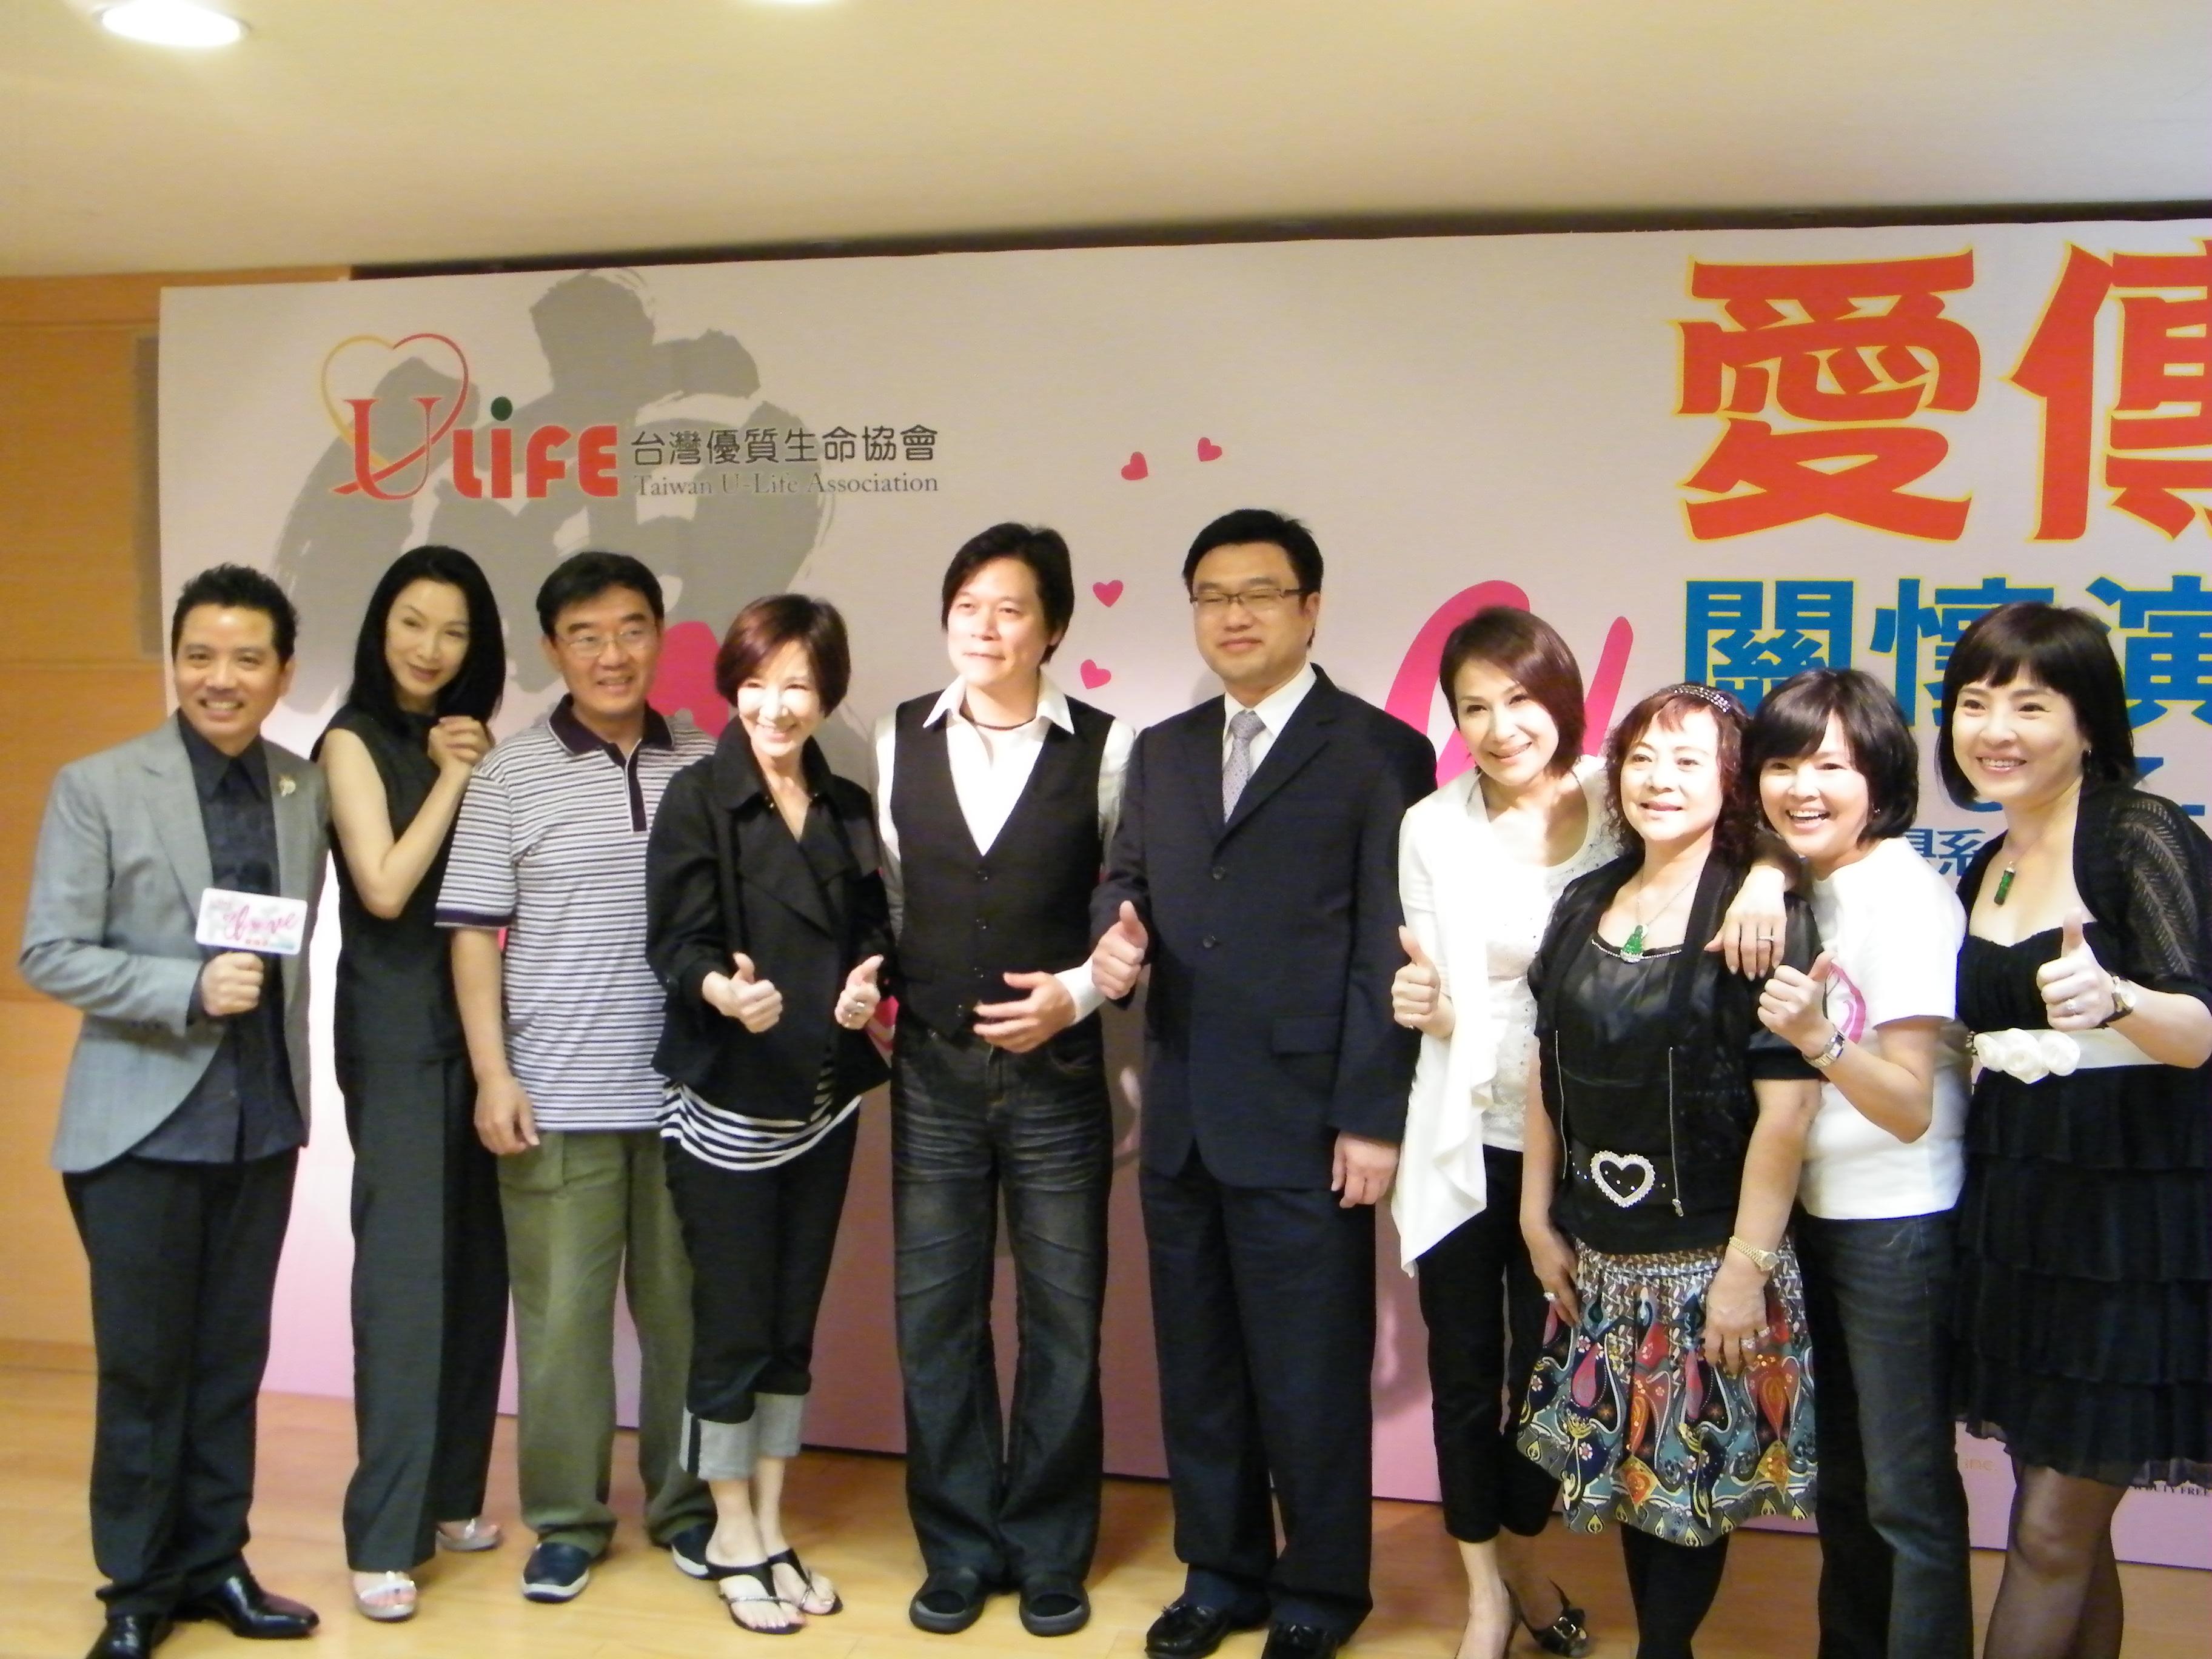 台灣優質生命協會洪榮宏理事長(圖左五)、永達保經吳文永董事長 (圖右五)與其他資深藝人為「愛。傳承」關懷演唱會留下見證。